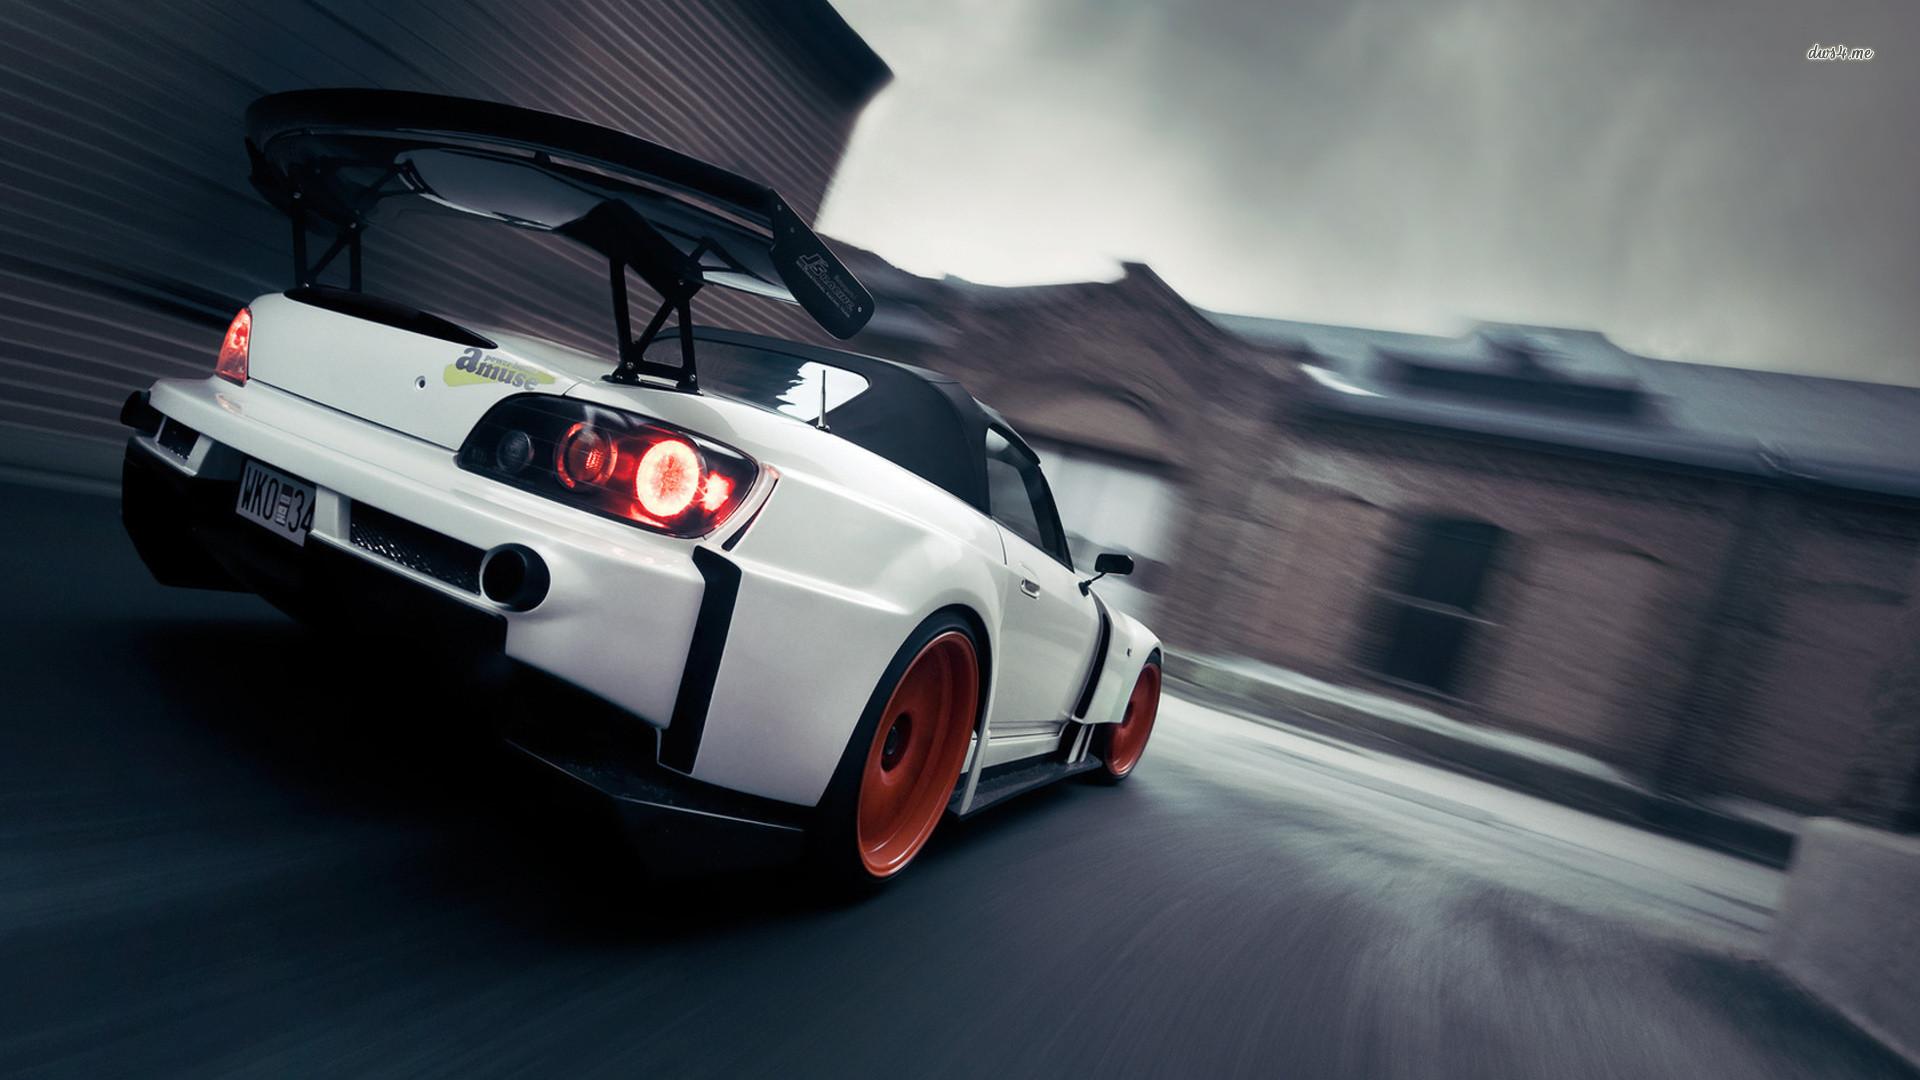 Res: 1920x1080, ... Honda S2000 wallpaper  ...